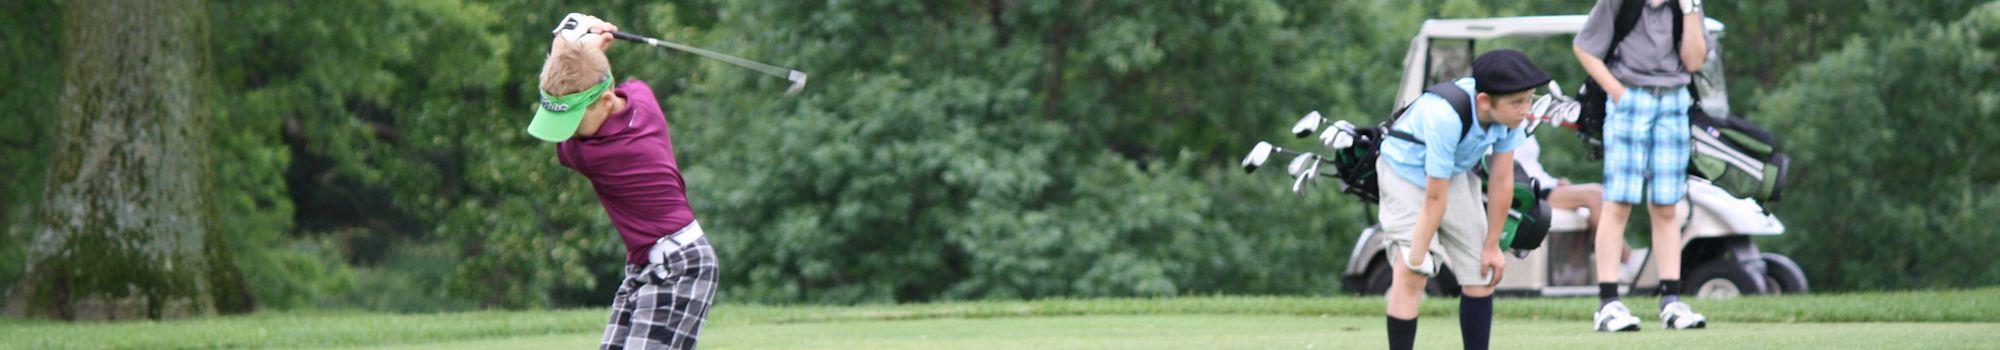 junior-golf-stl3